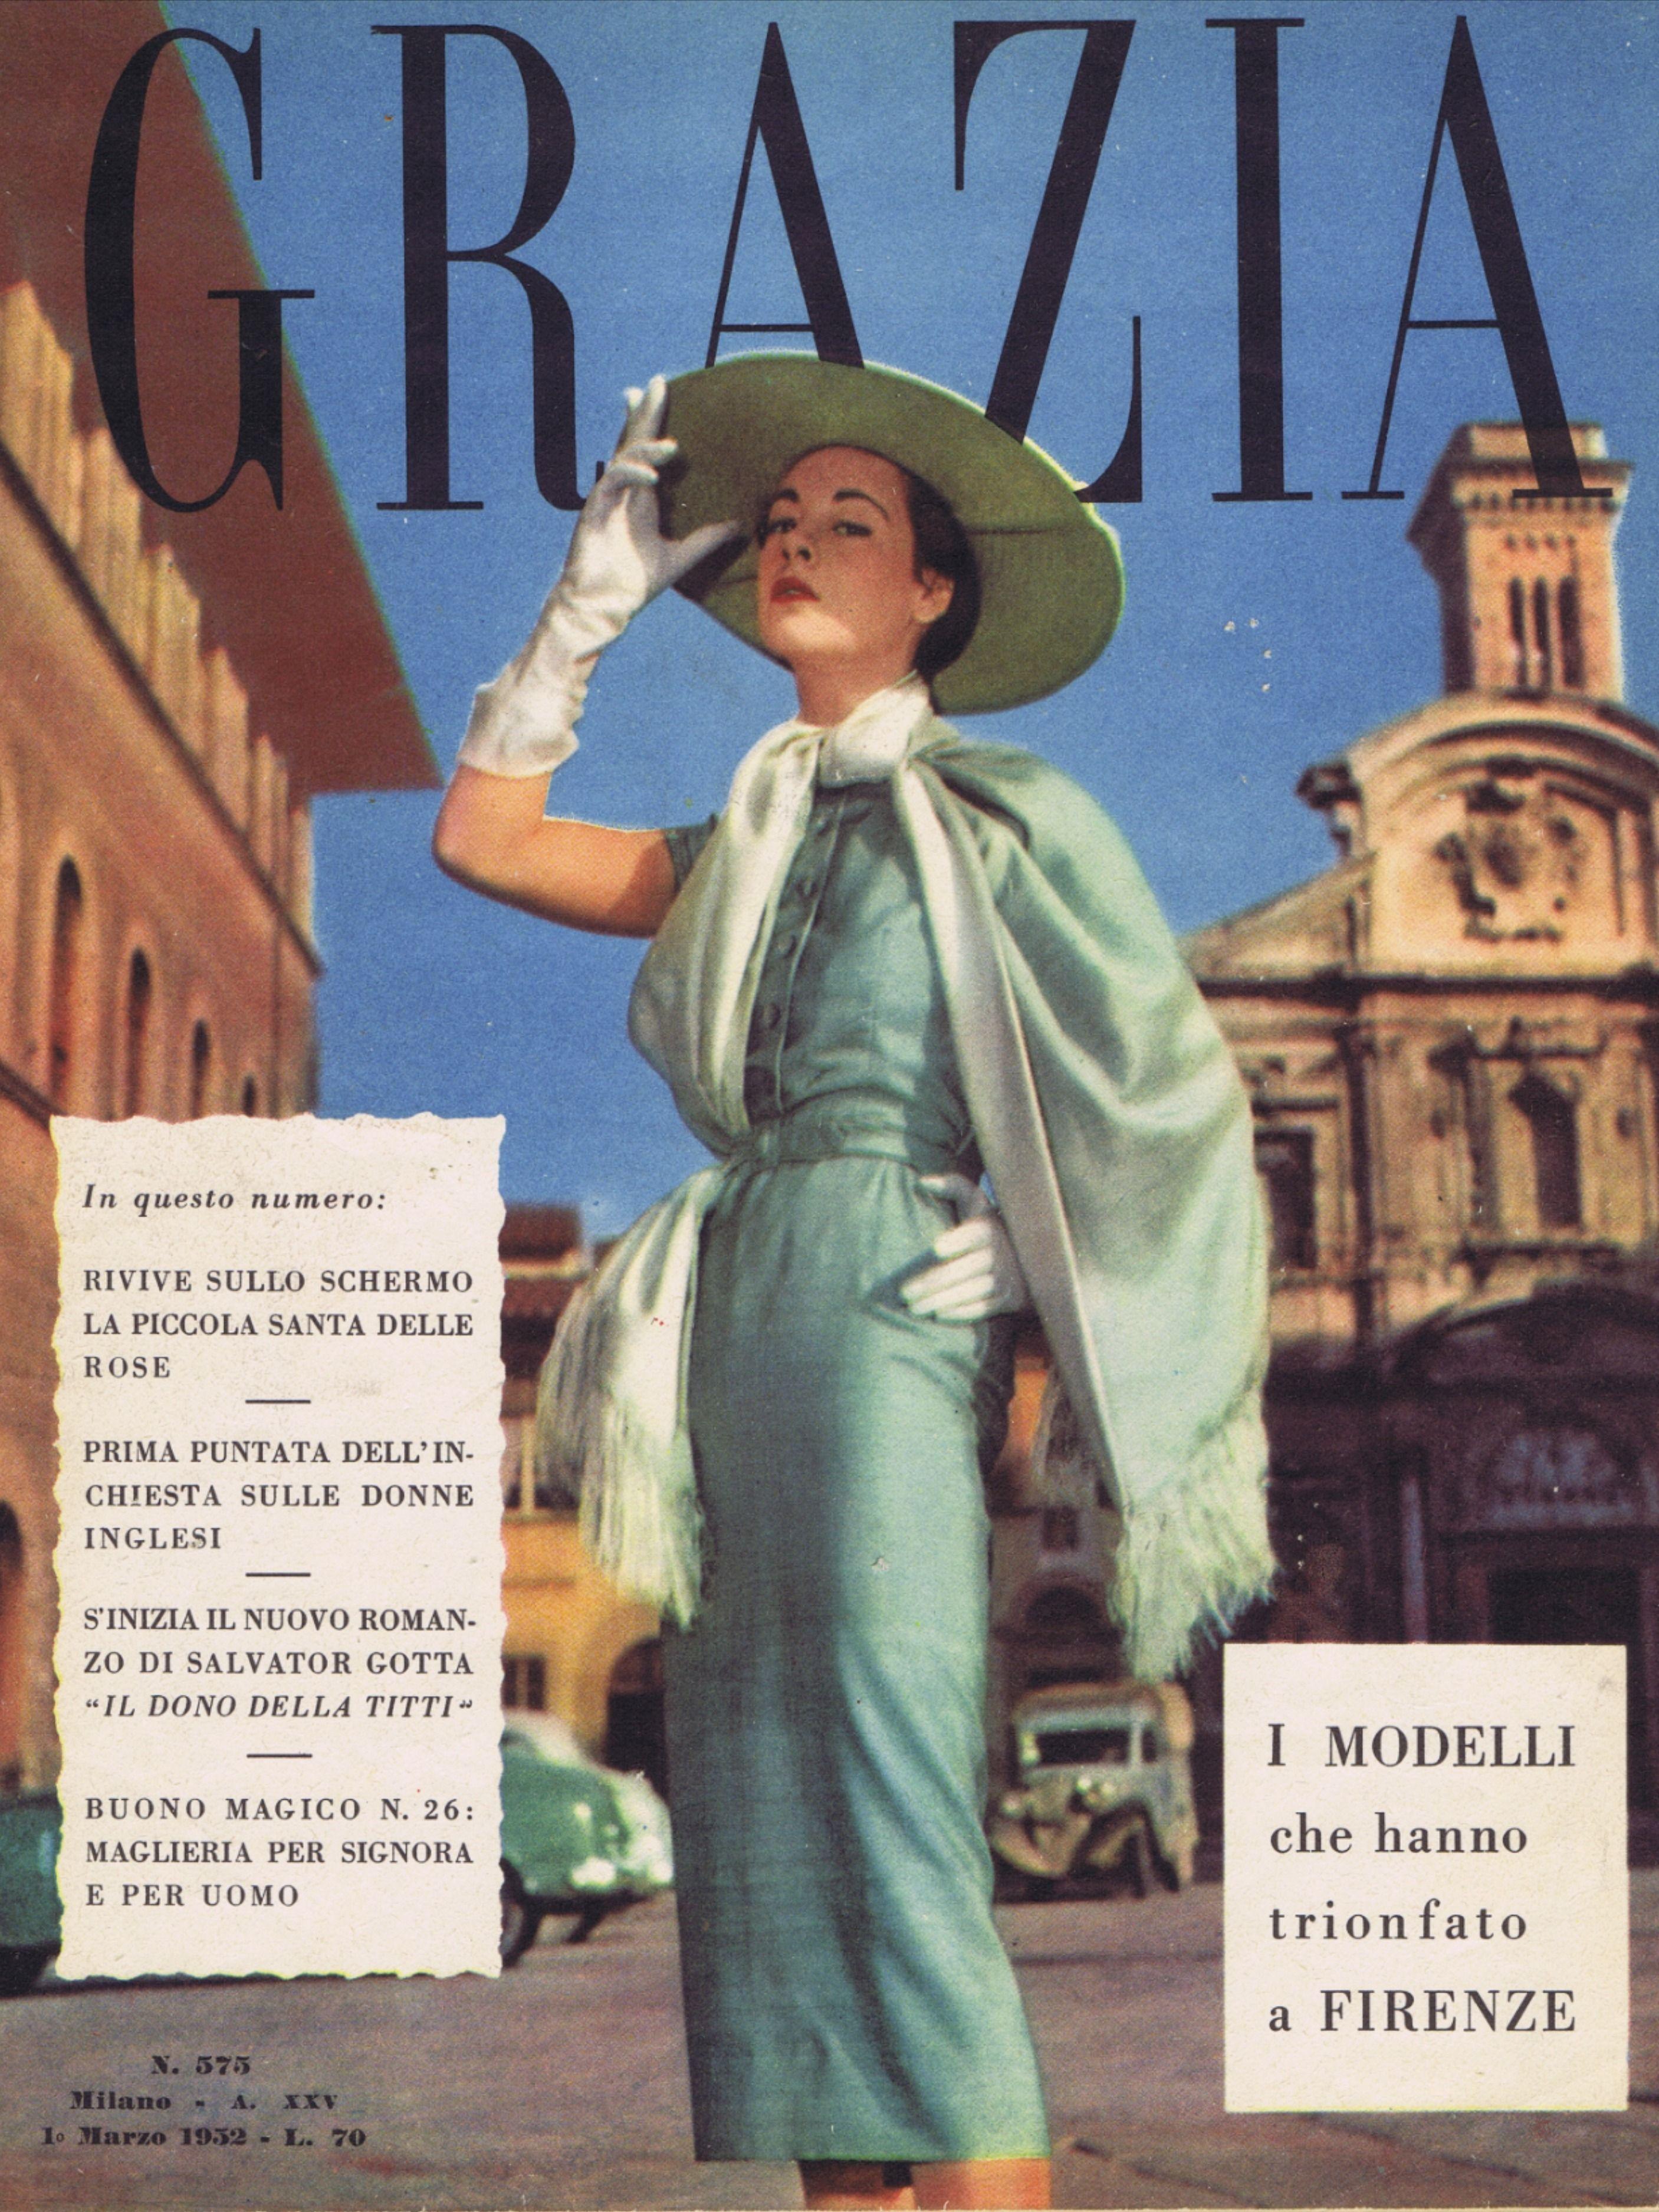 Grazia 1952 Fashion Magazine Italy Vintage Italian Etsy Magazine Wall Art Vintage Magazines Fashion Magazine